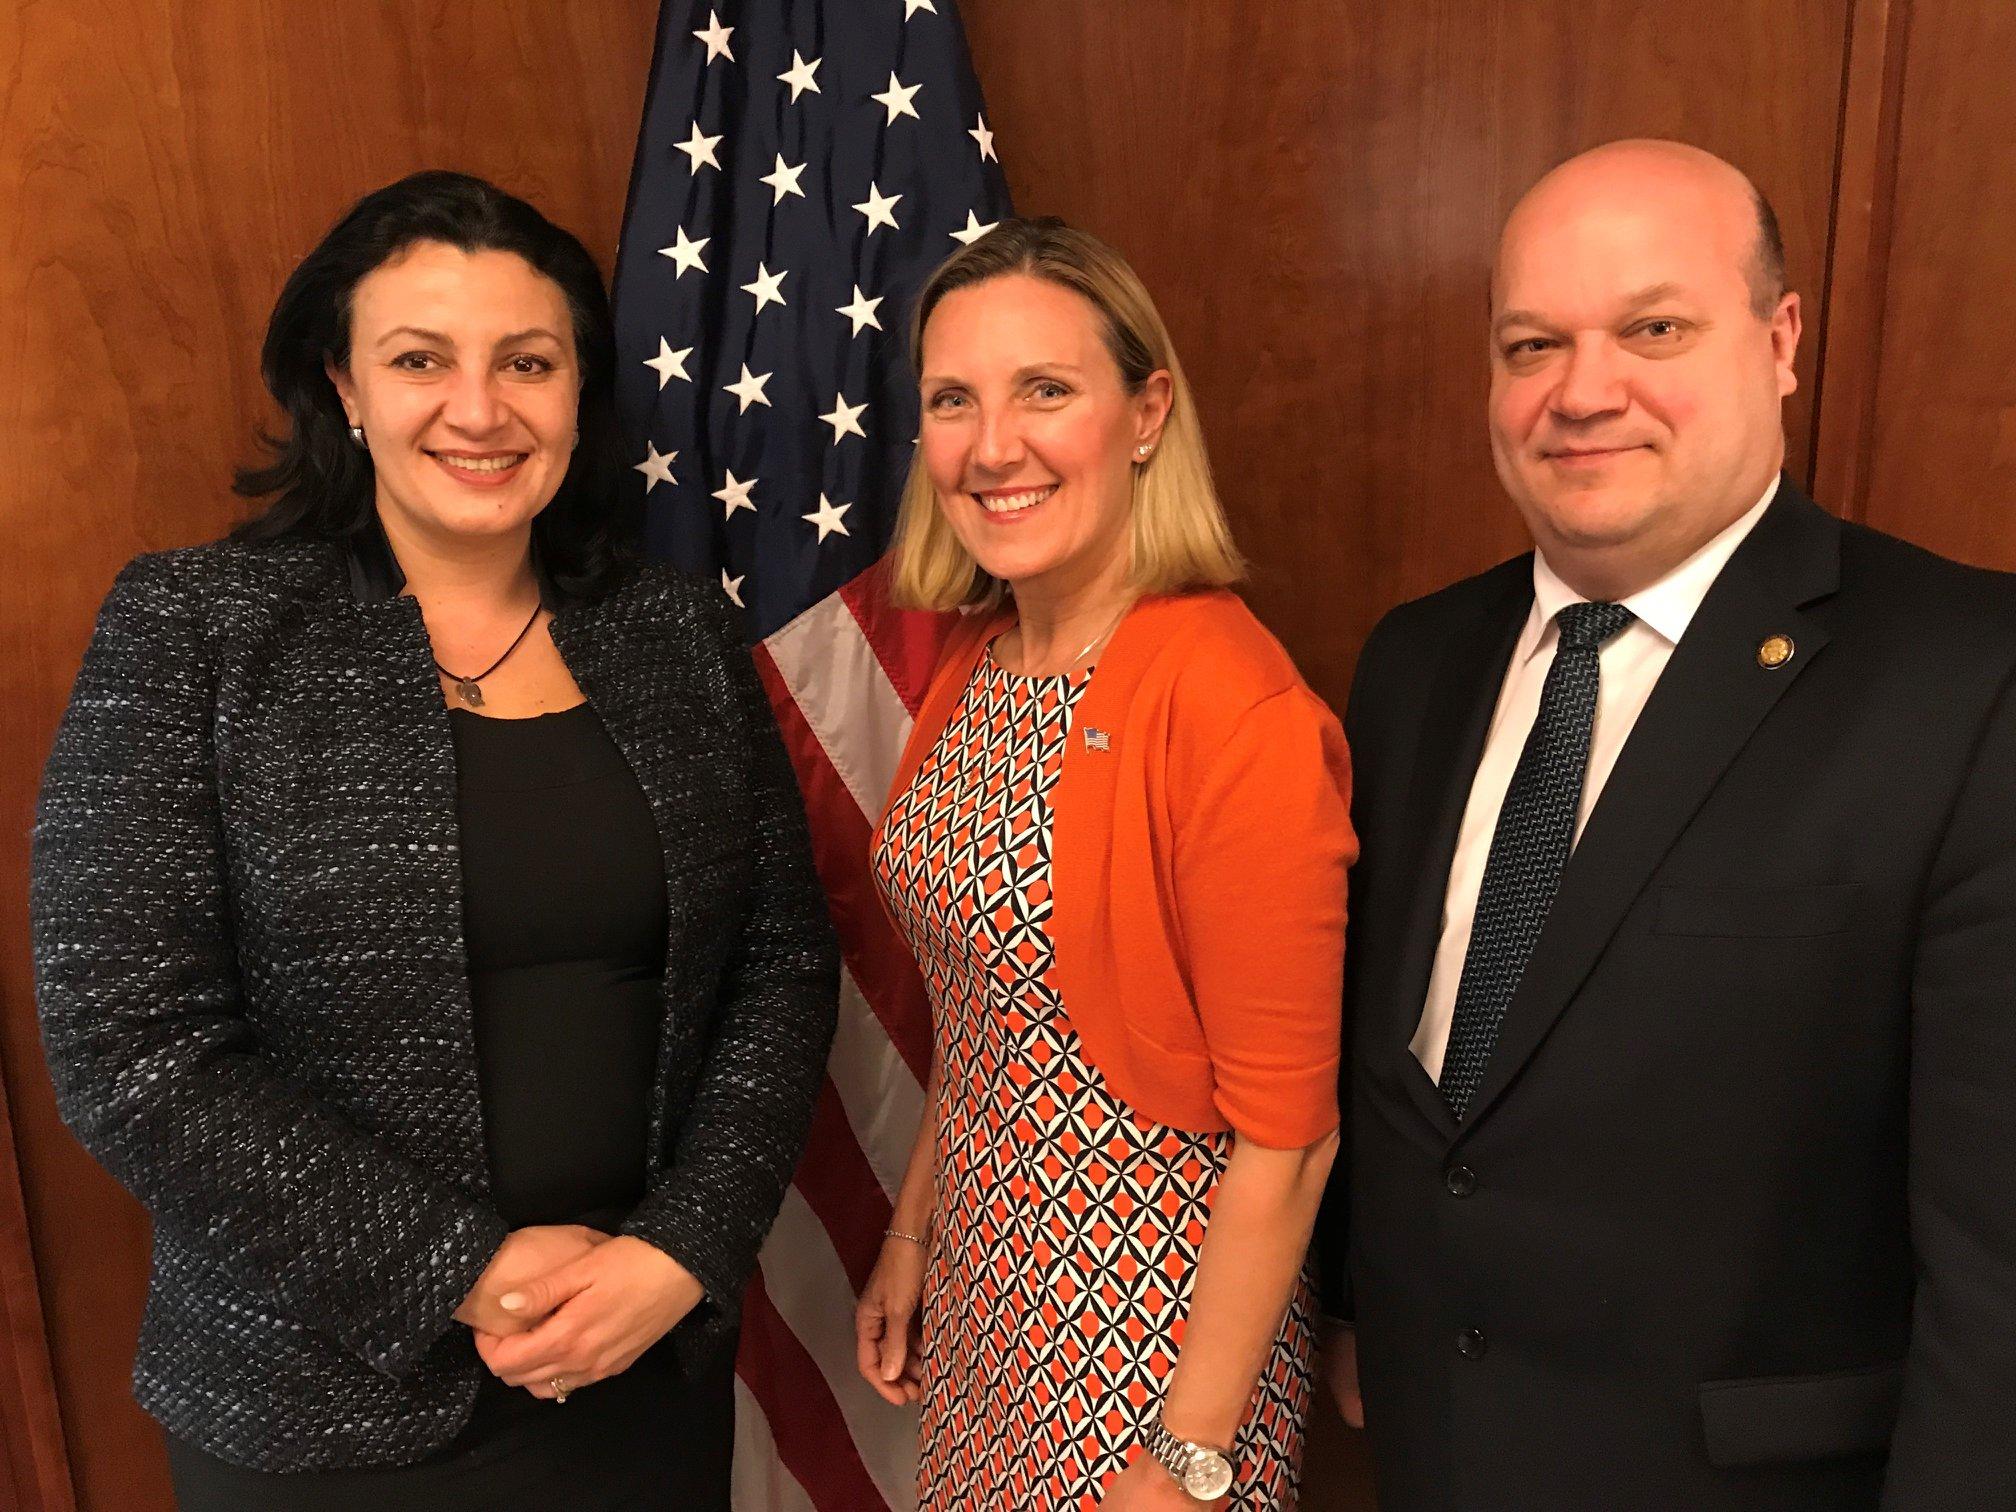 Кіберзагрози неможливо обмежити кордонами, ми готові співпрацювати з Україною, щоб запобігти їм, - заступник Державного секретаря США